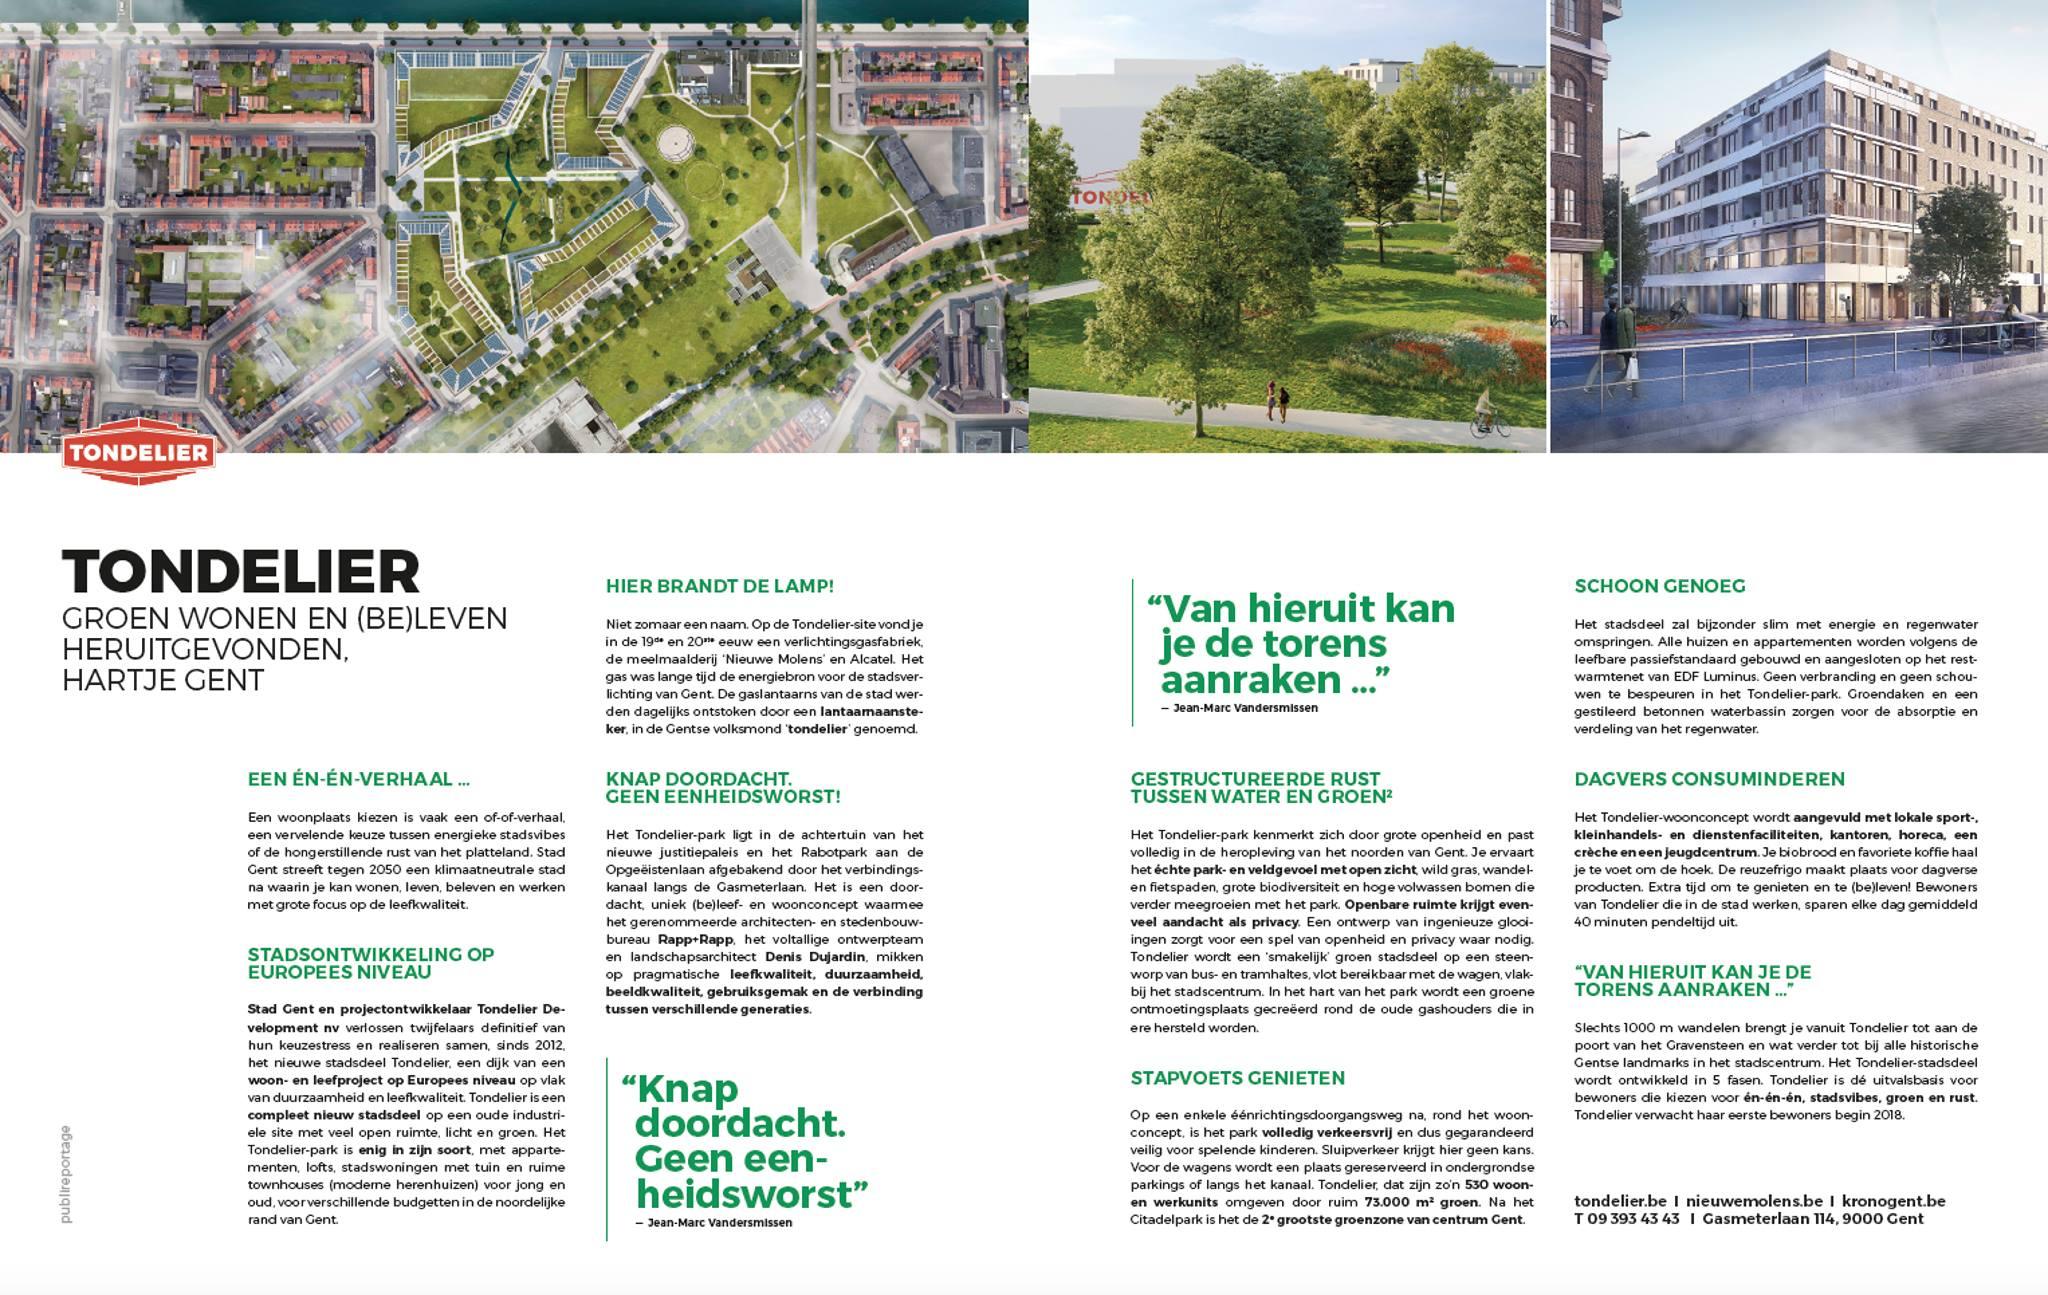 Publireportage van Het Schrijfhok in de Morgen Magazine voor Tondelier in Gent